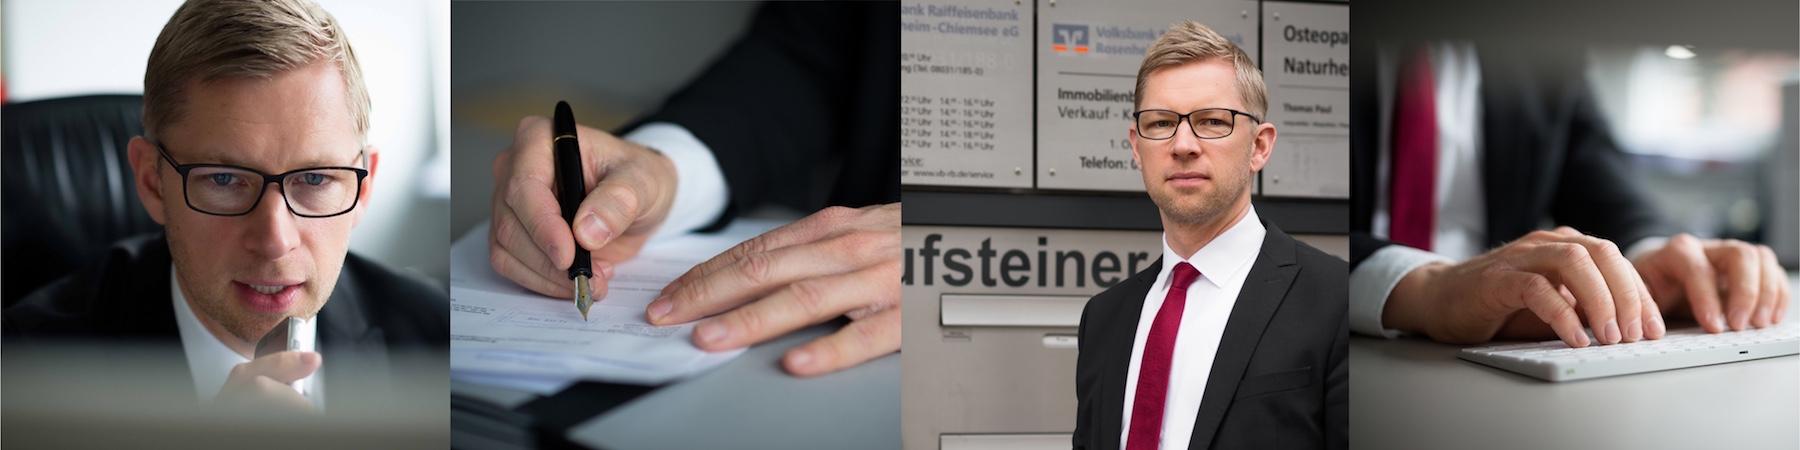 L.L.M. Andreas Leicher - Kontakt | Fachanwalt für Strafrecht Rosenheim | Strafverteidiger | Fachanwalt für Verkehrsrecht